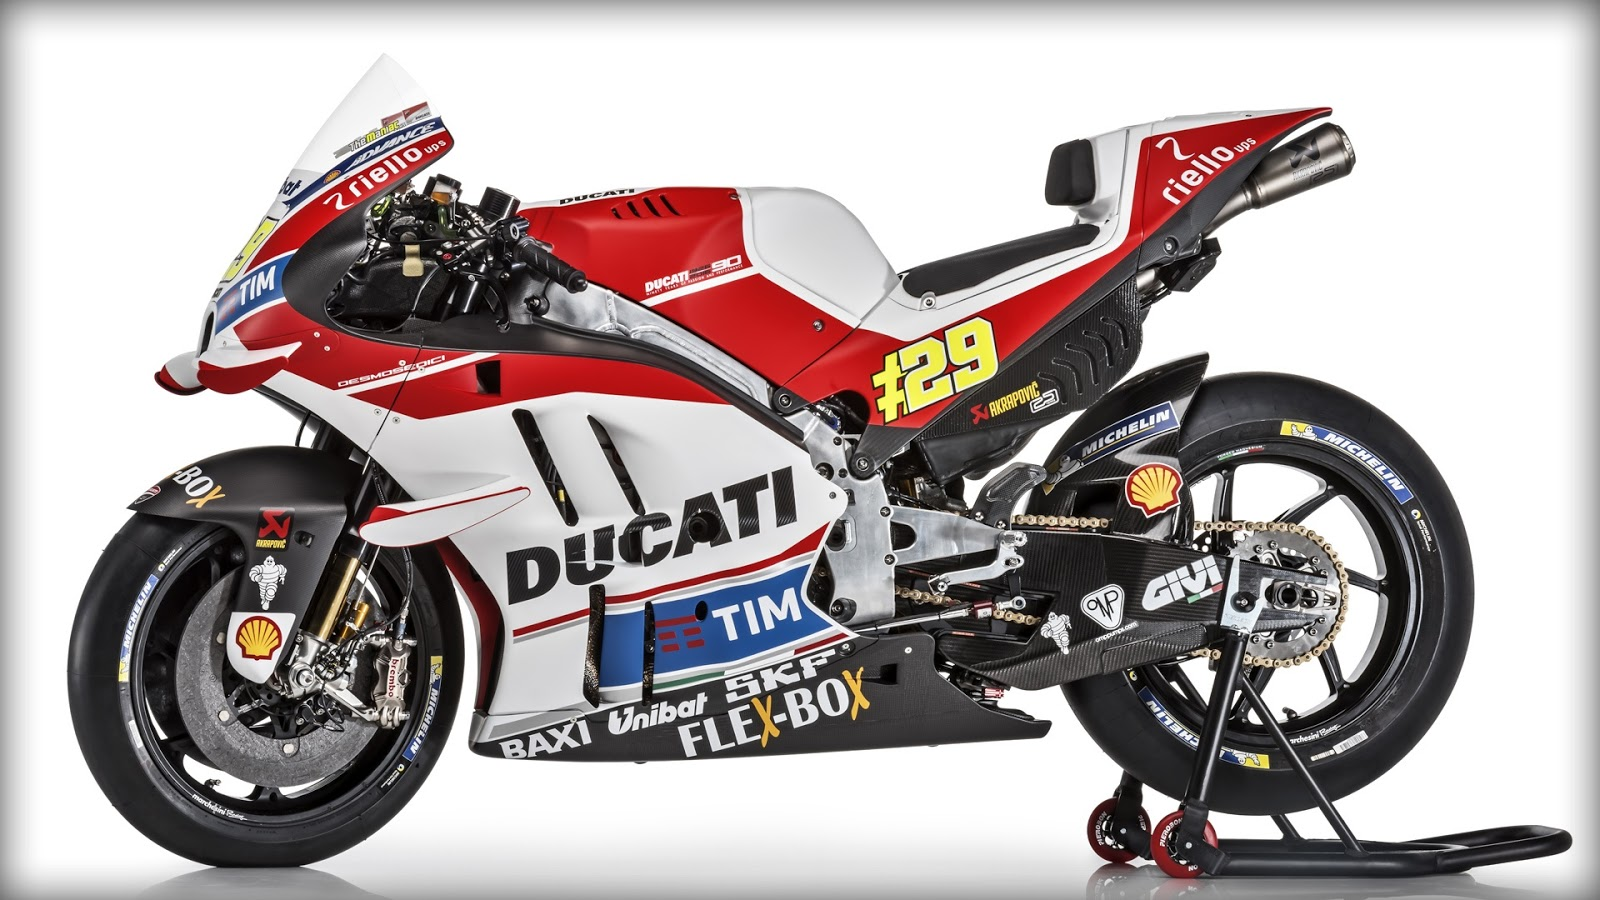 2016 Ducati Desmosedici MotoGP Wallpaper - KFZoom